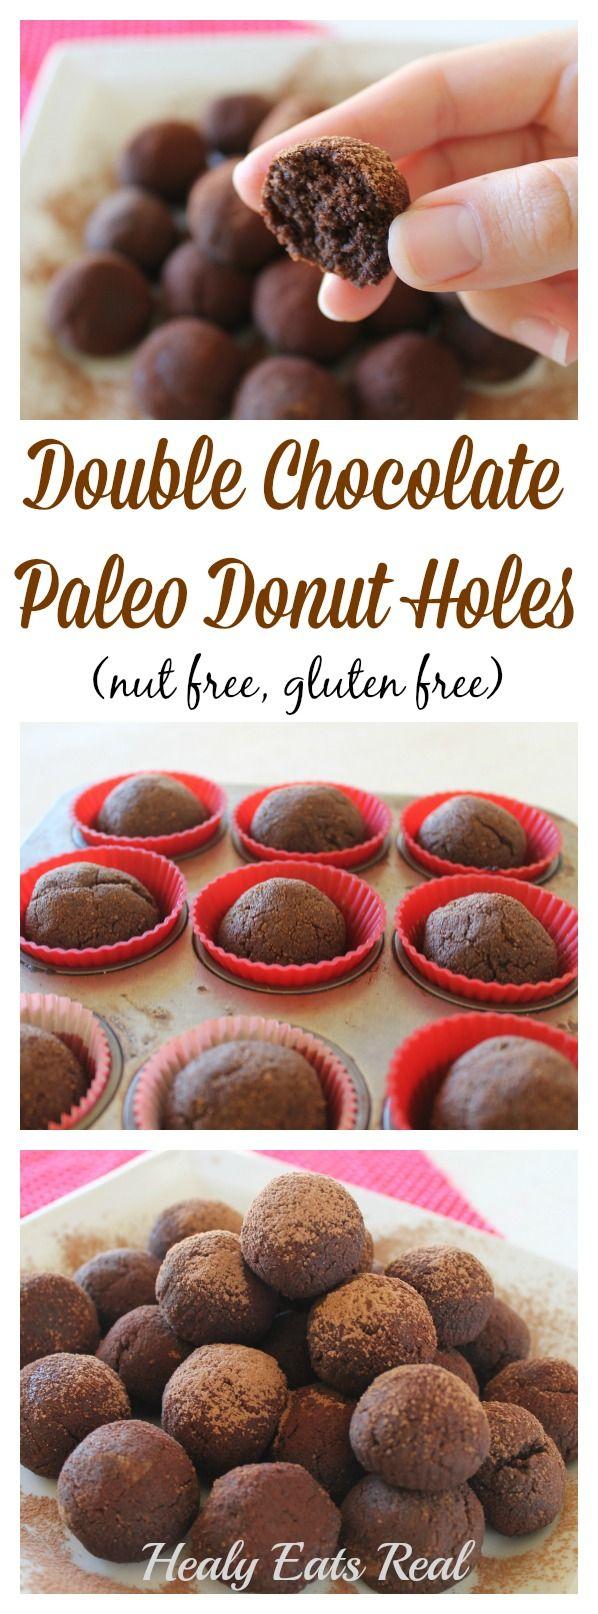 Chocolate Paleo Donut Holes (Gluten Free, Nut Free) @ Healy Eats Real